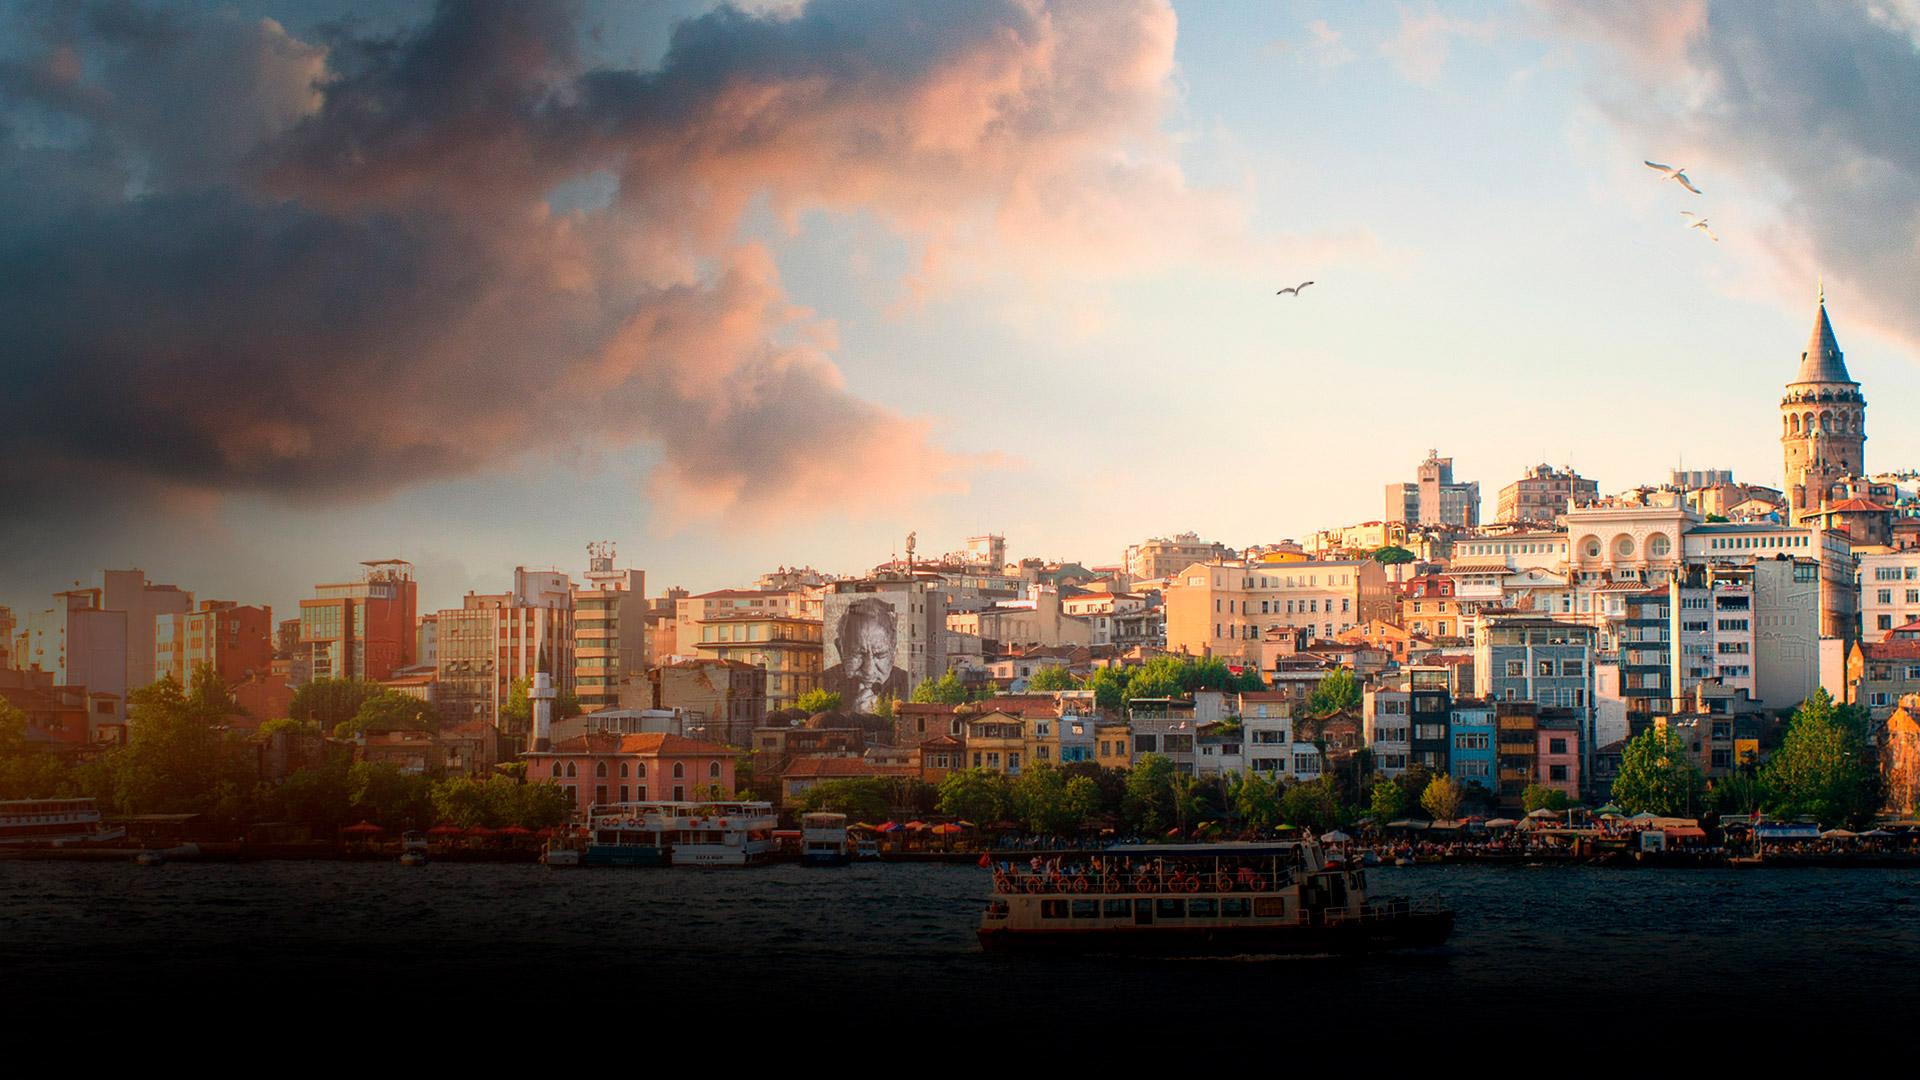 ¡Conoce algunos datos curiosos sobre Estambul-Turquía! Locación donde fue grabada Intriga